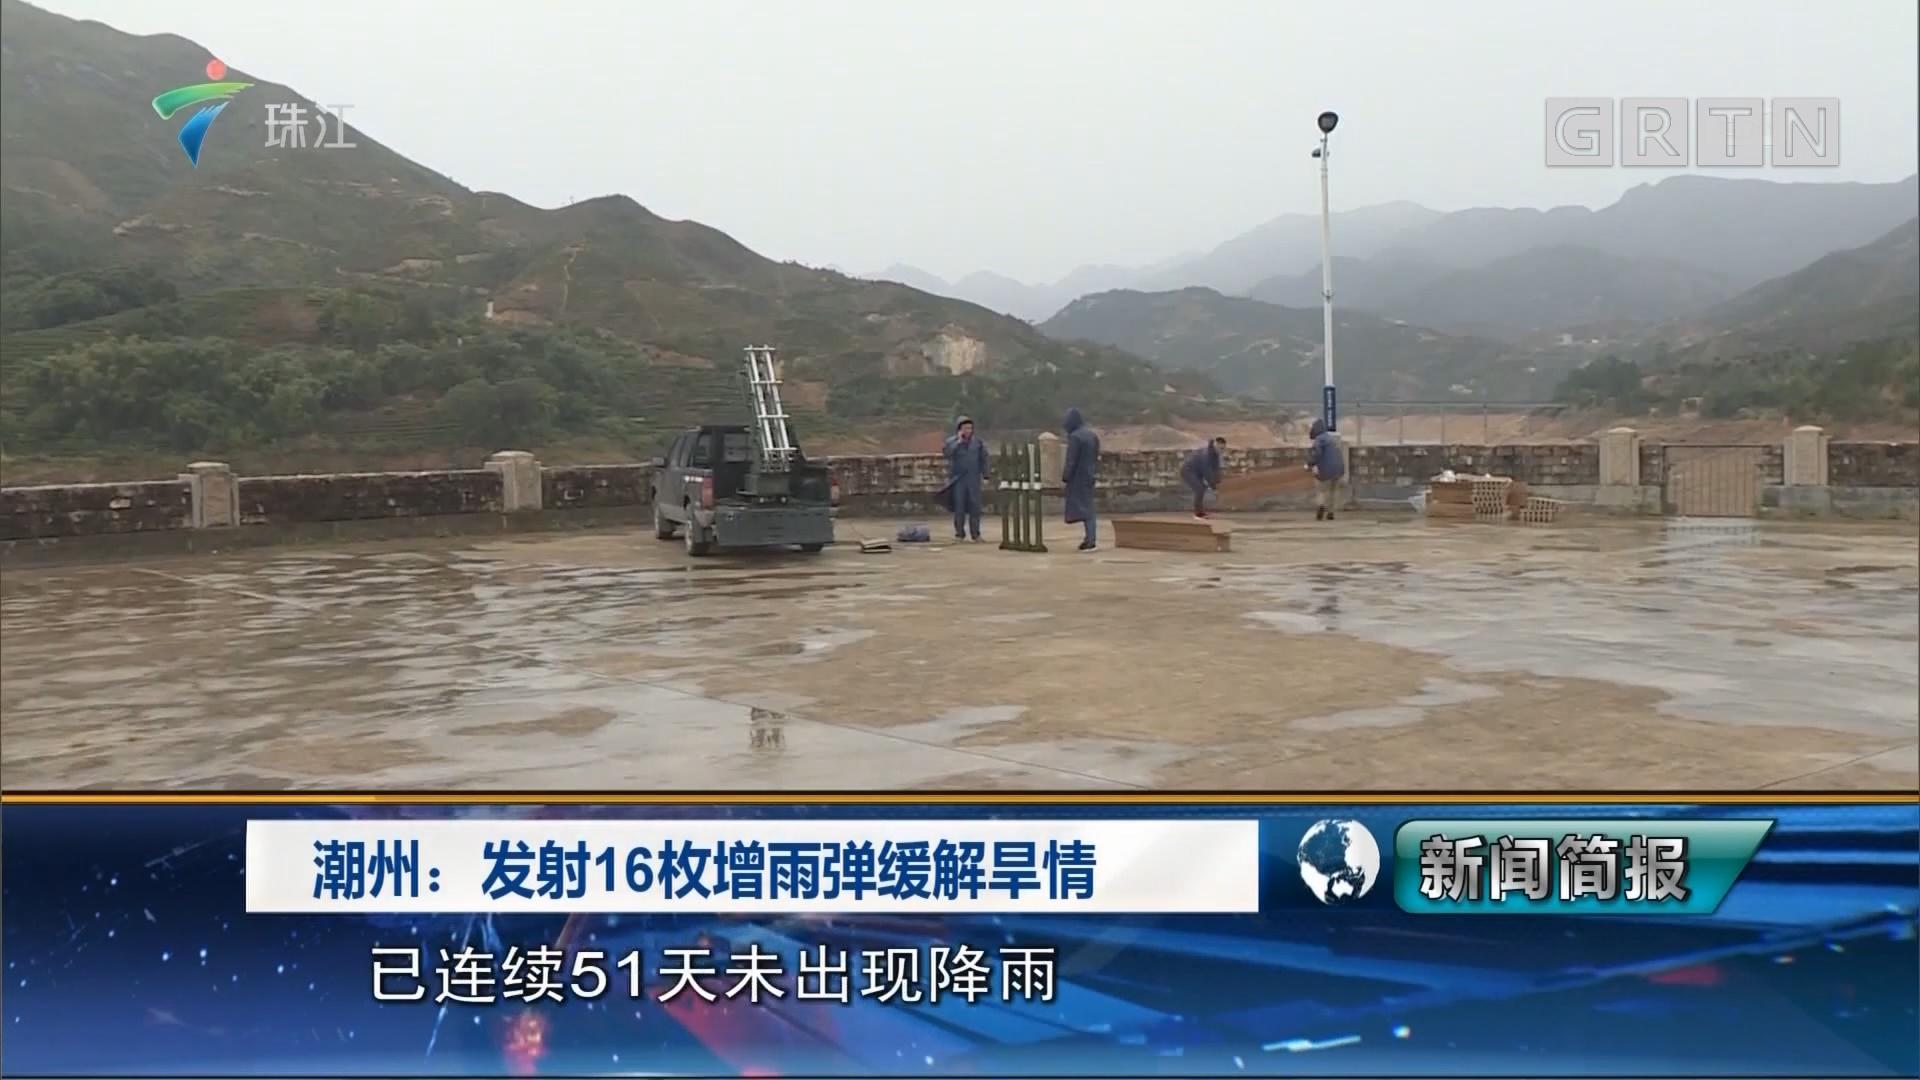 潮州:发射16枚増雨弹缓解旱情